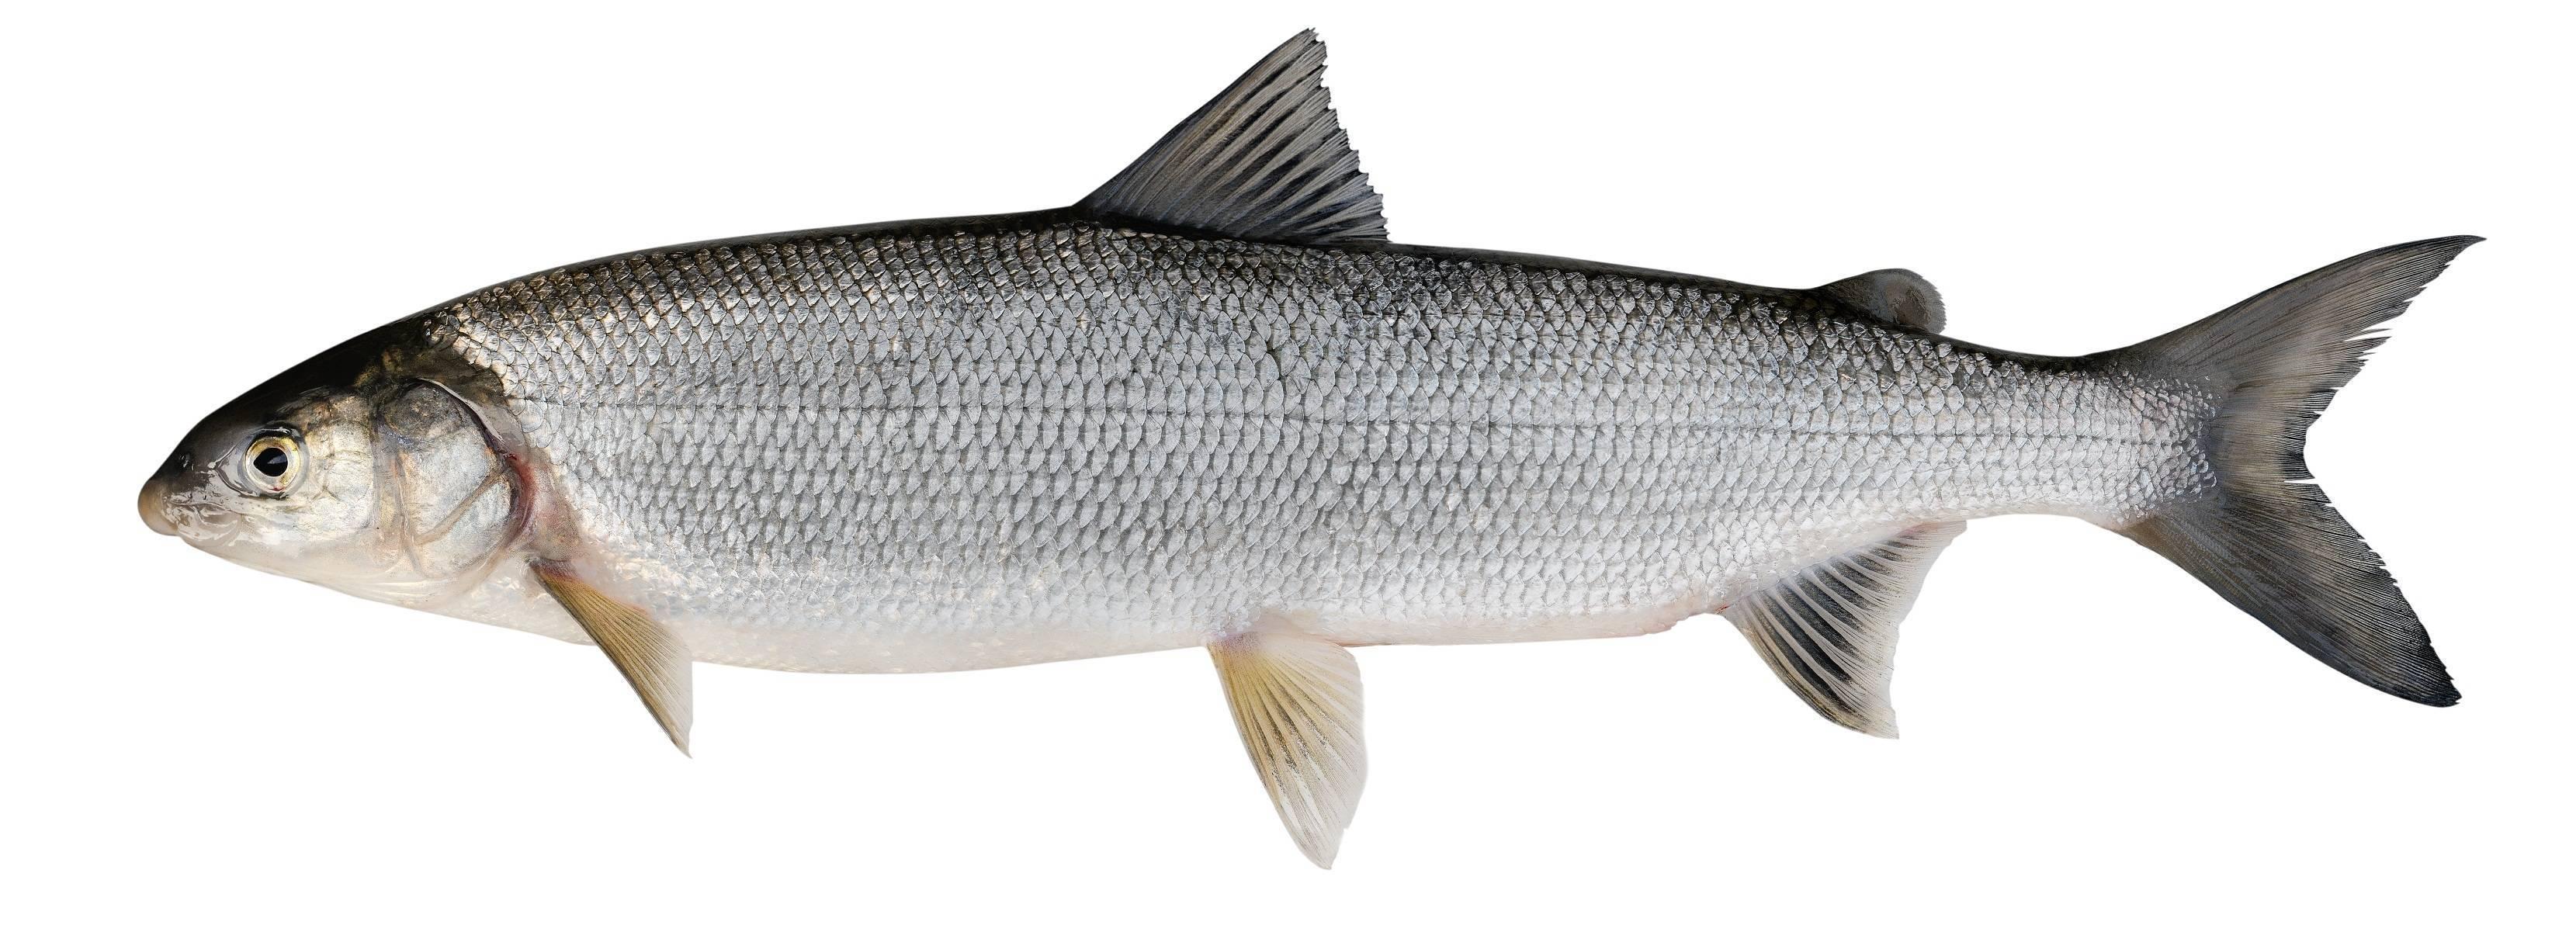 Рыба нельма, описание, как ловить